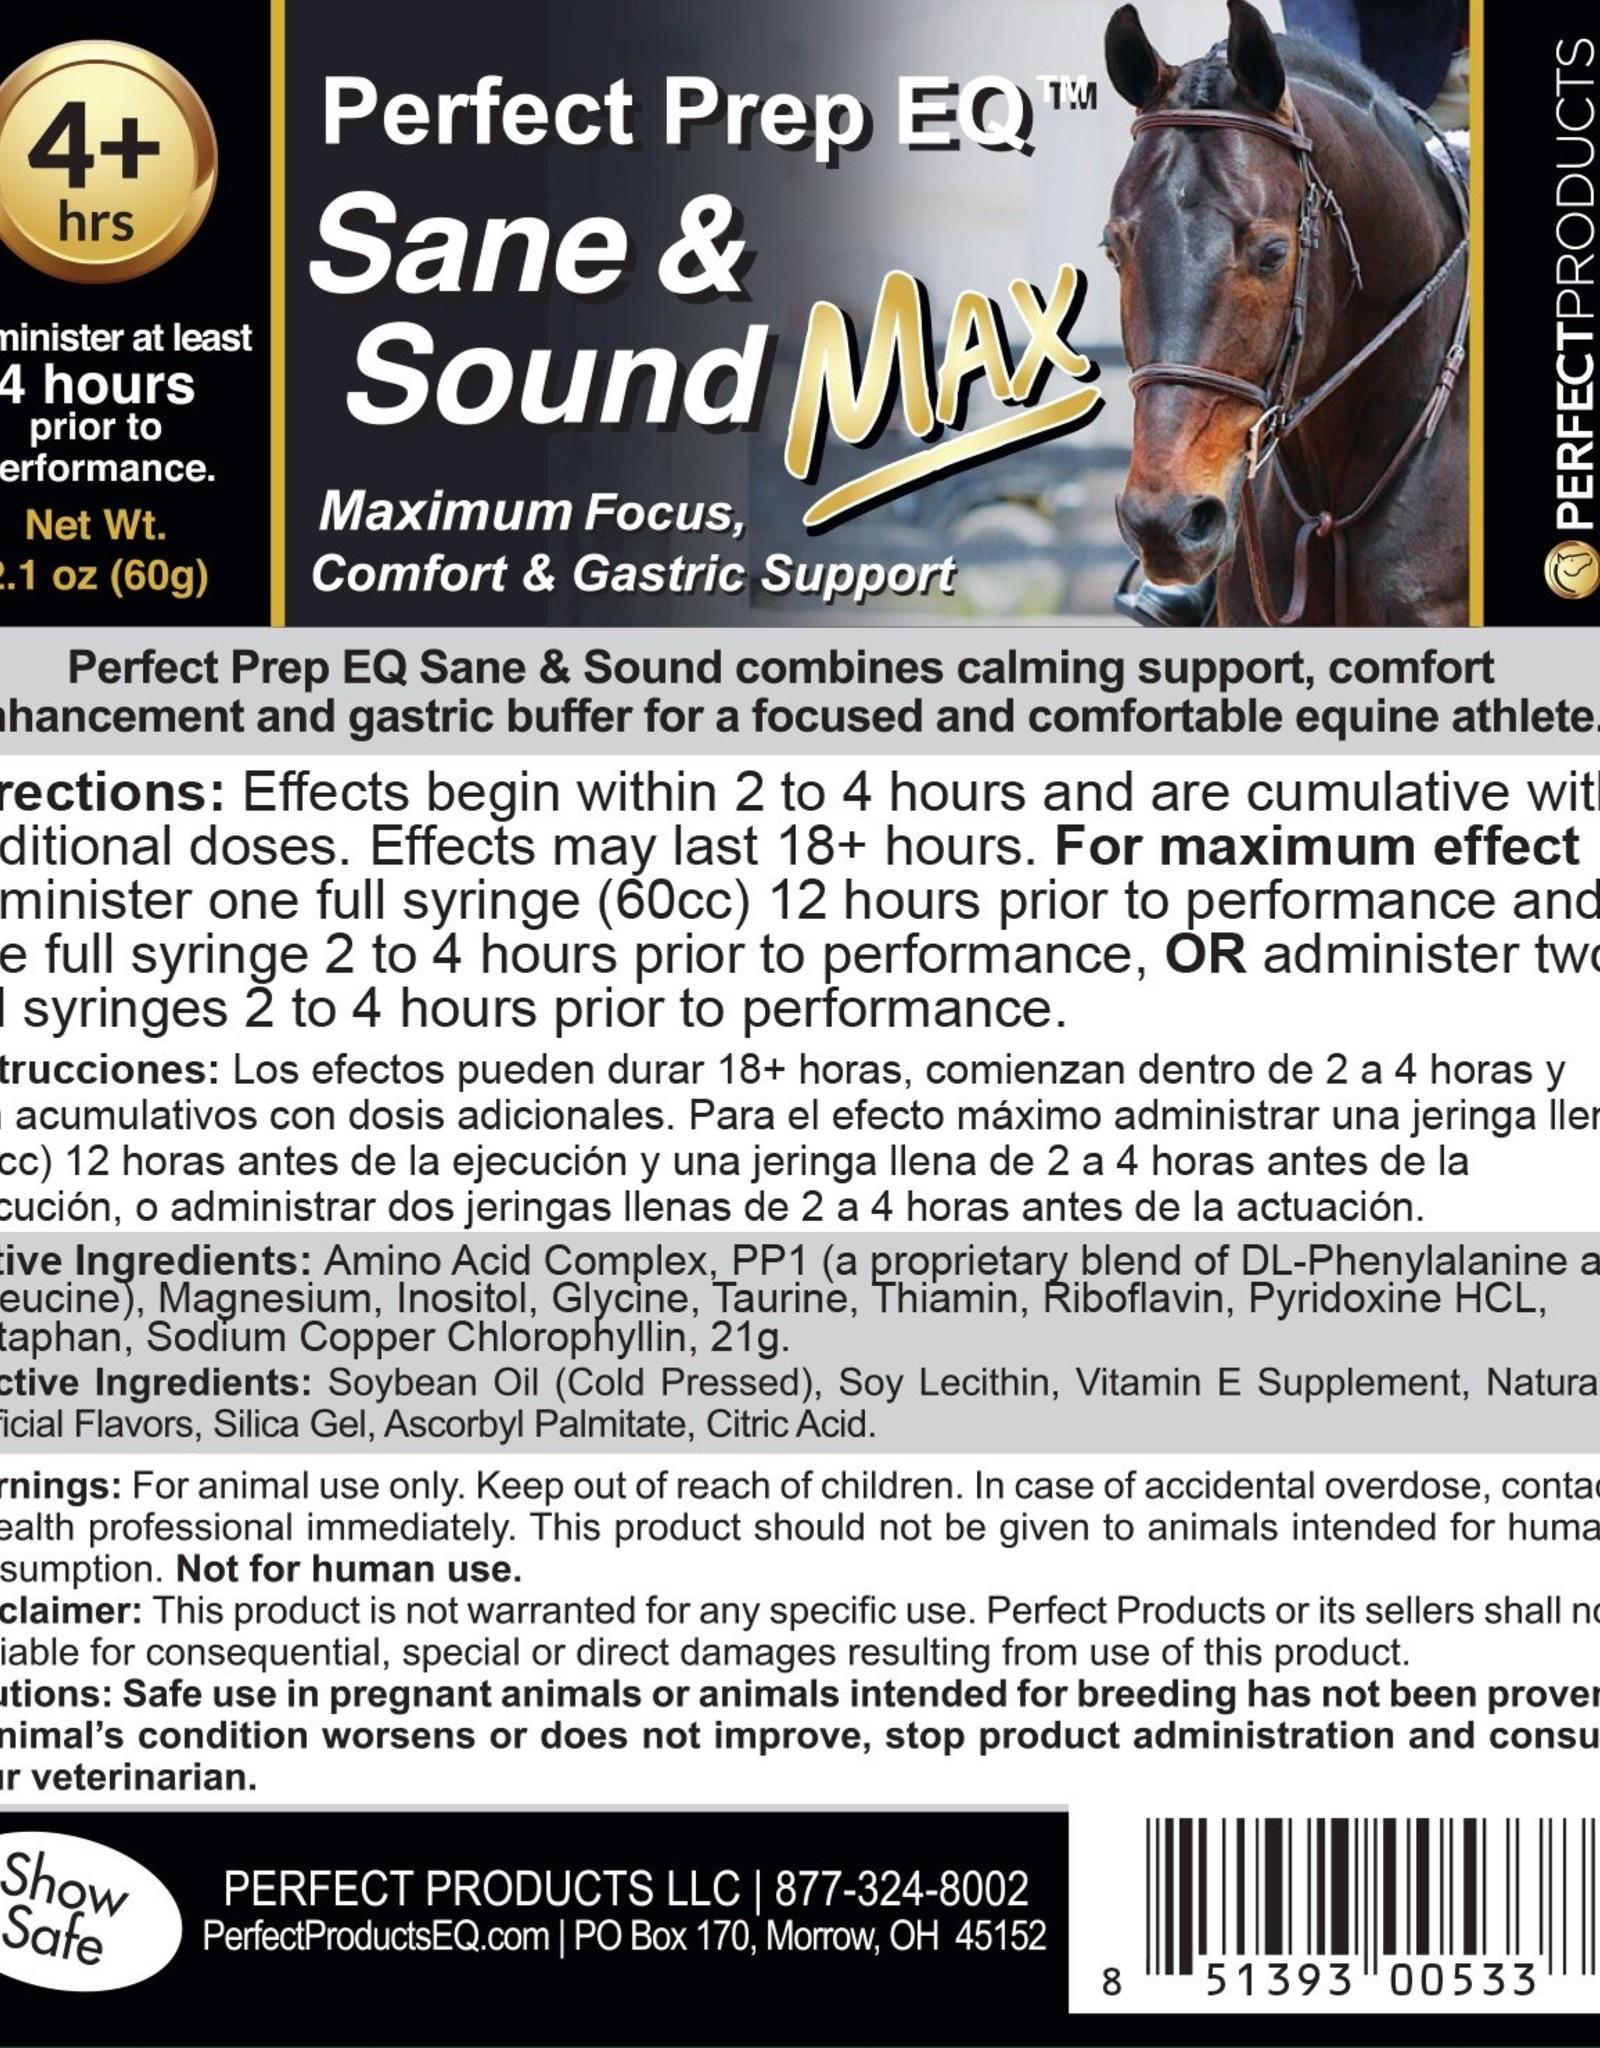 Perfect Prep EQ Sane & Sound Max